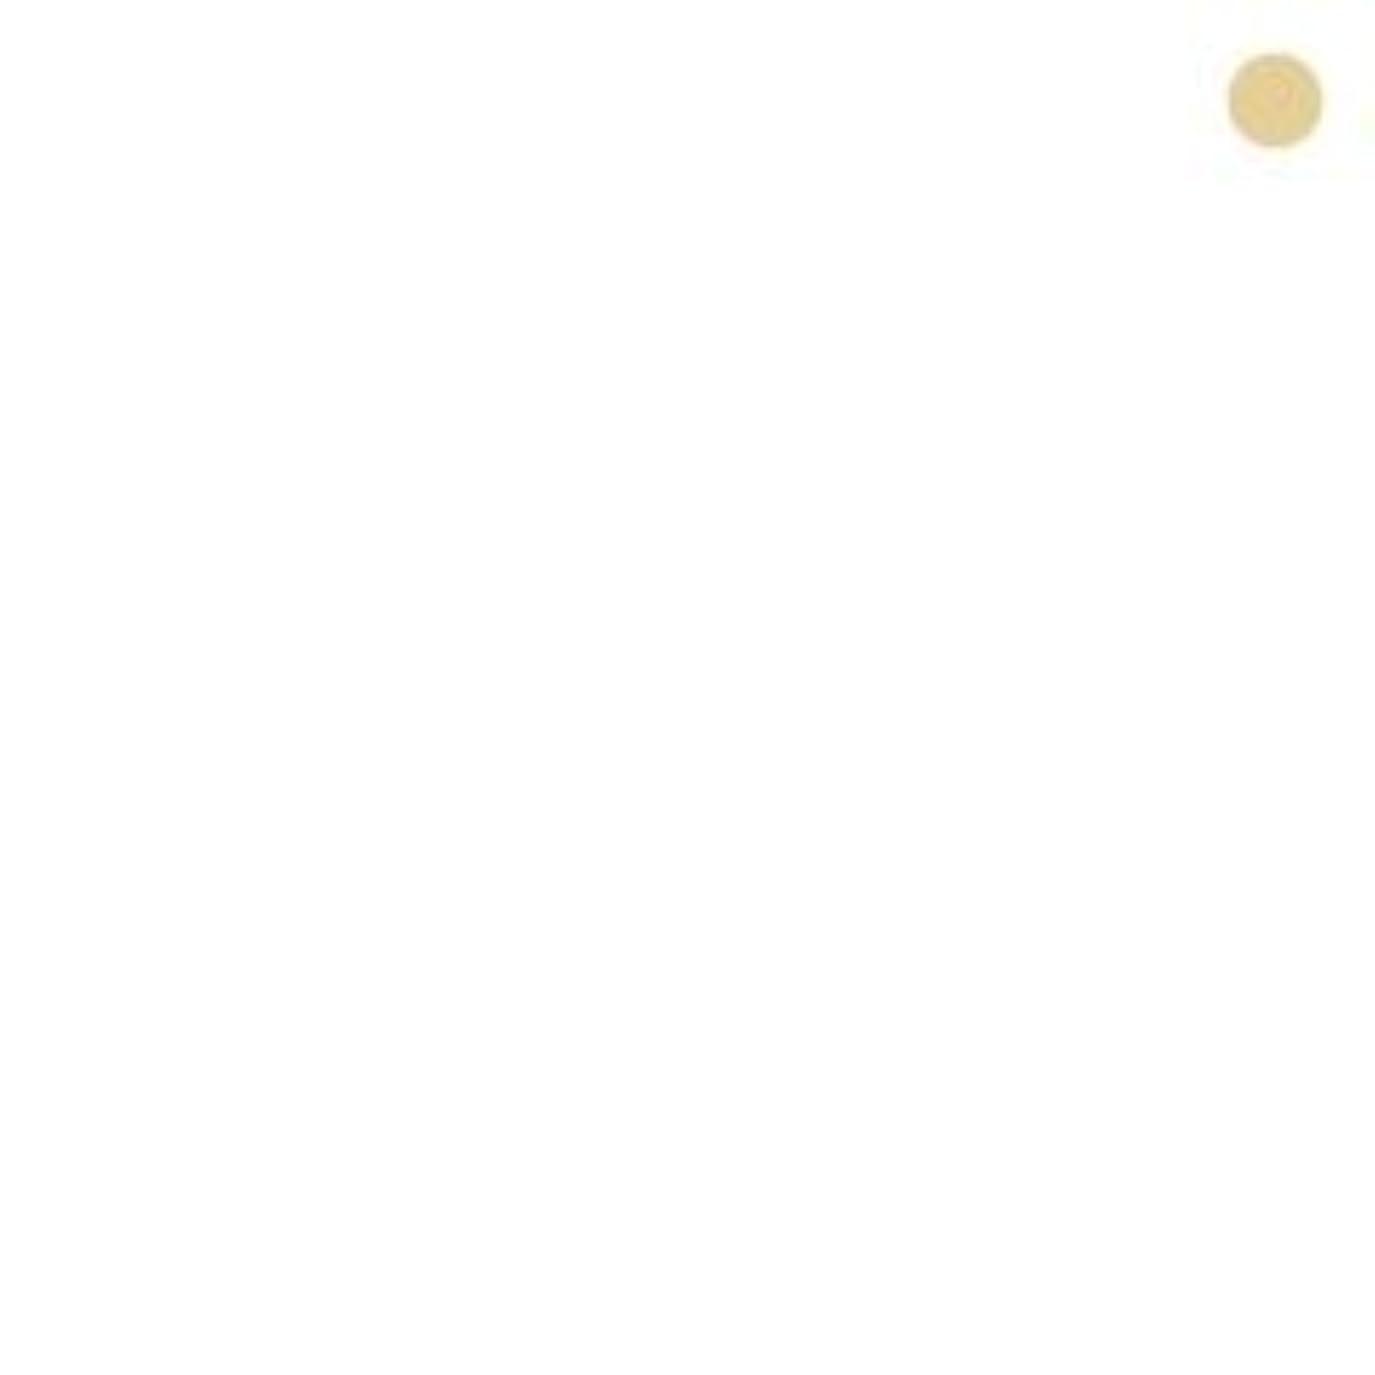 有益ビジター時期尚早【カバーマーク】ジャスミーカラー パウダリーファンデーション #BP20 (レフィル)